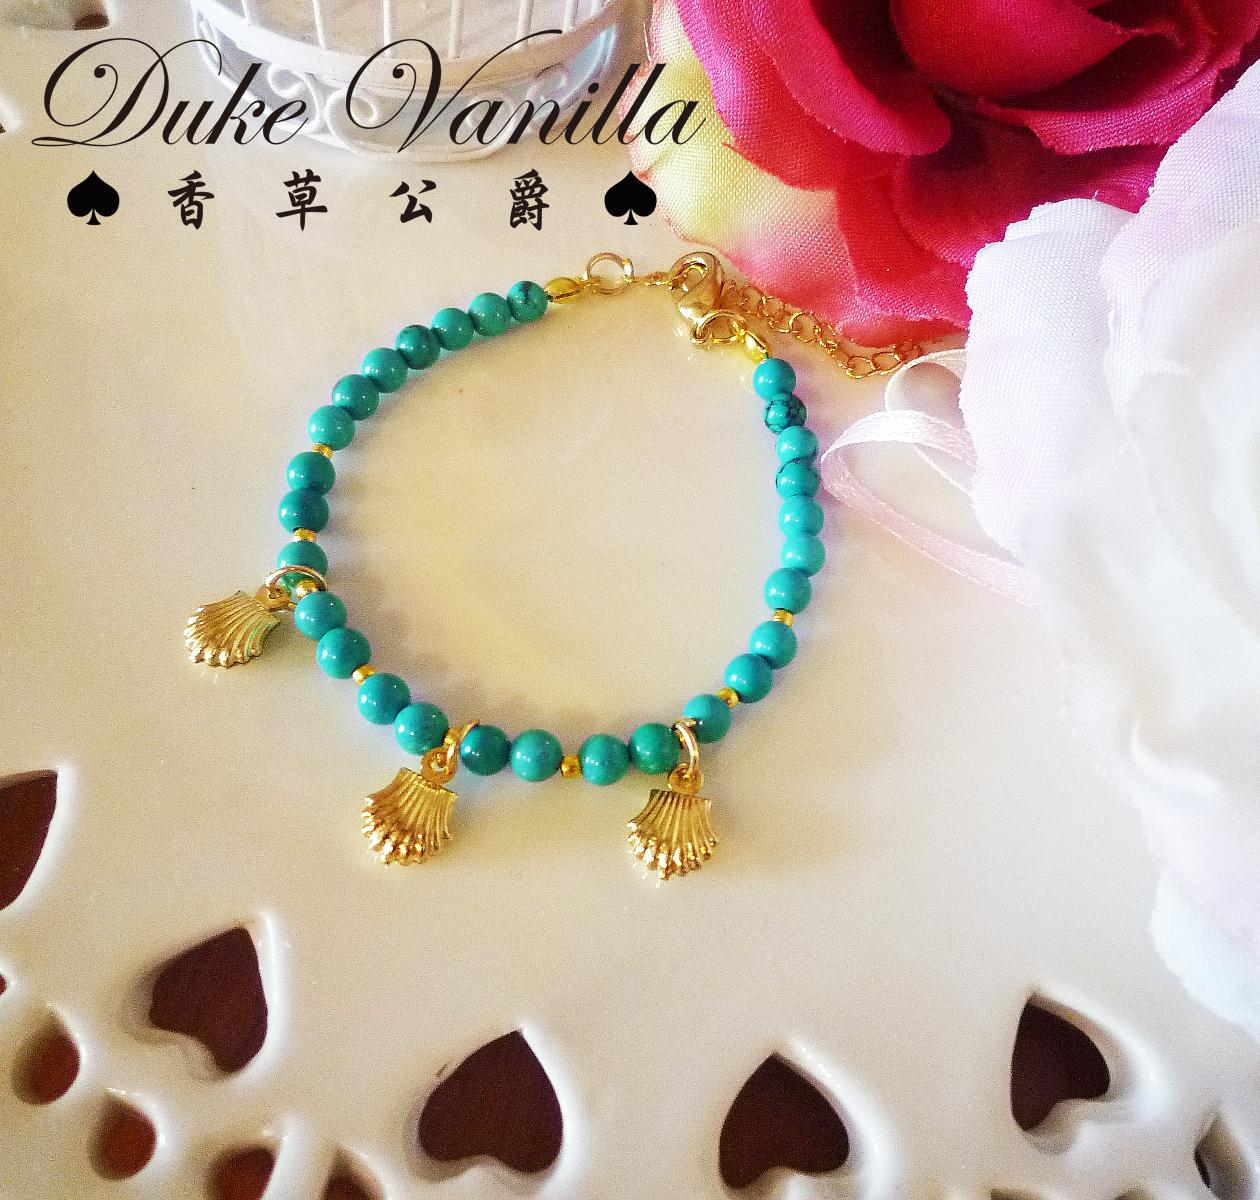 夏日海洋風 貝殼綠松石手鍊 - Duke Vanilla 香草公爵